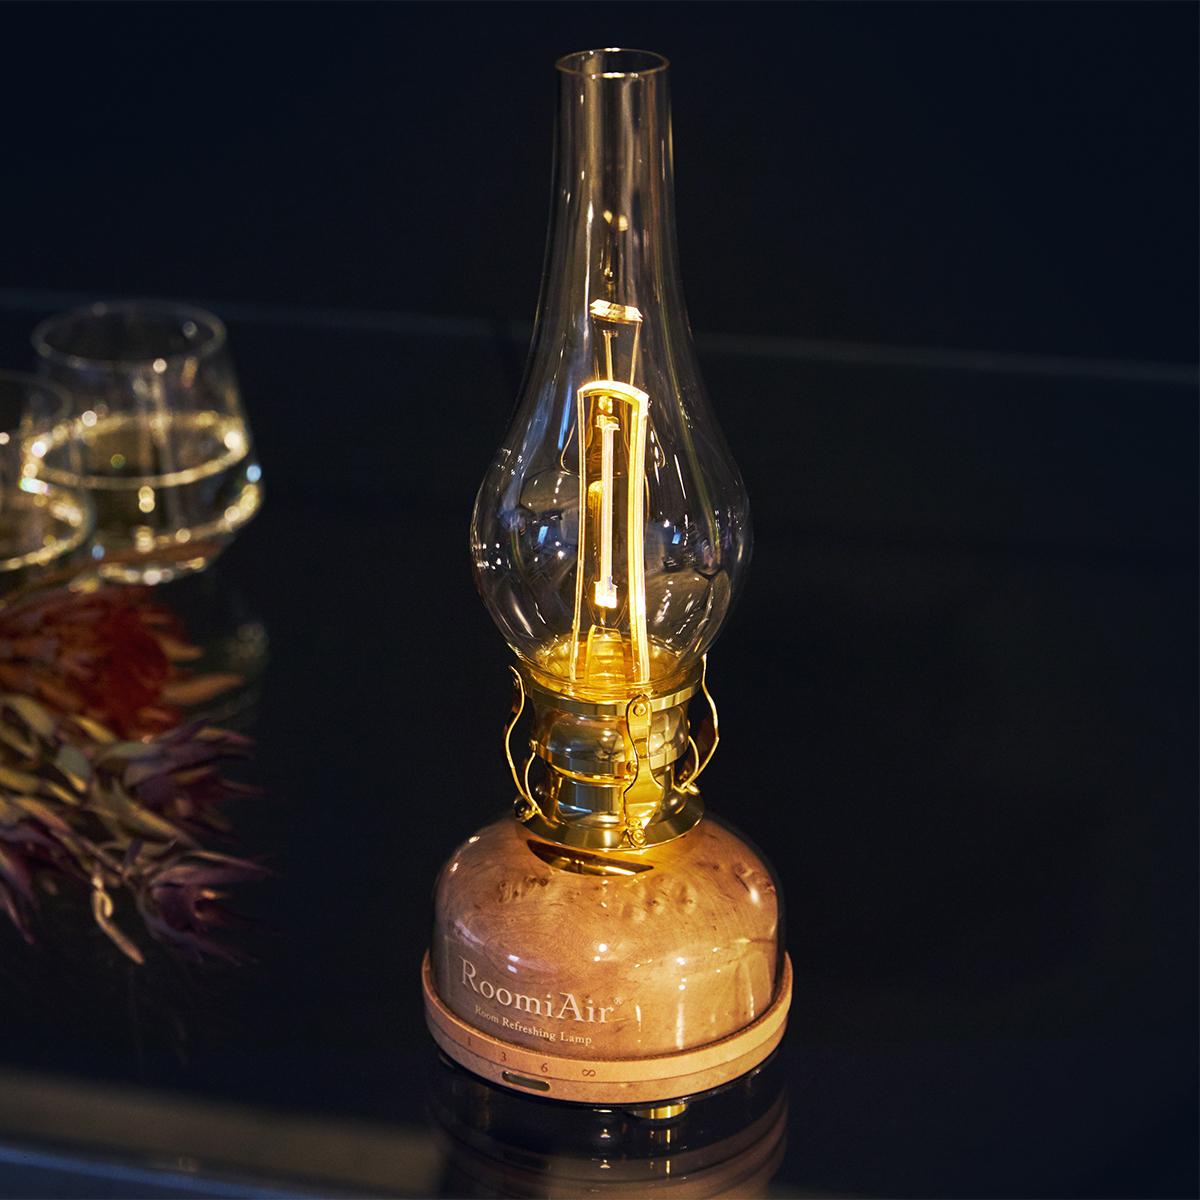 日本初、特許のUVランプでウイルス・菌を不活化させる「オゾン発生器・間接照明ランプ」|RoomiAir